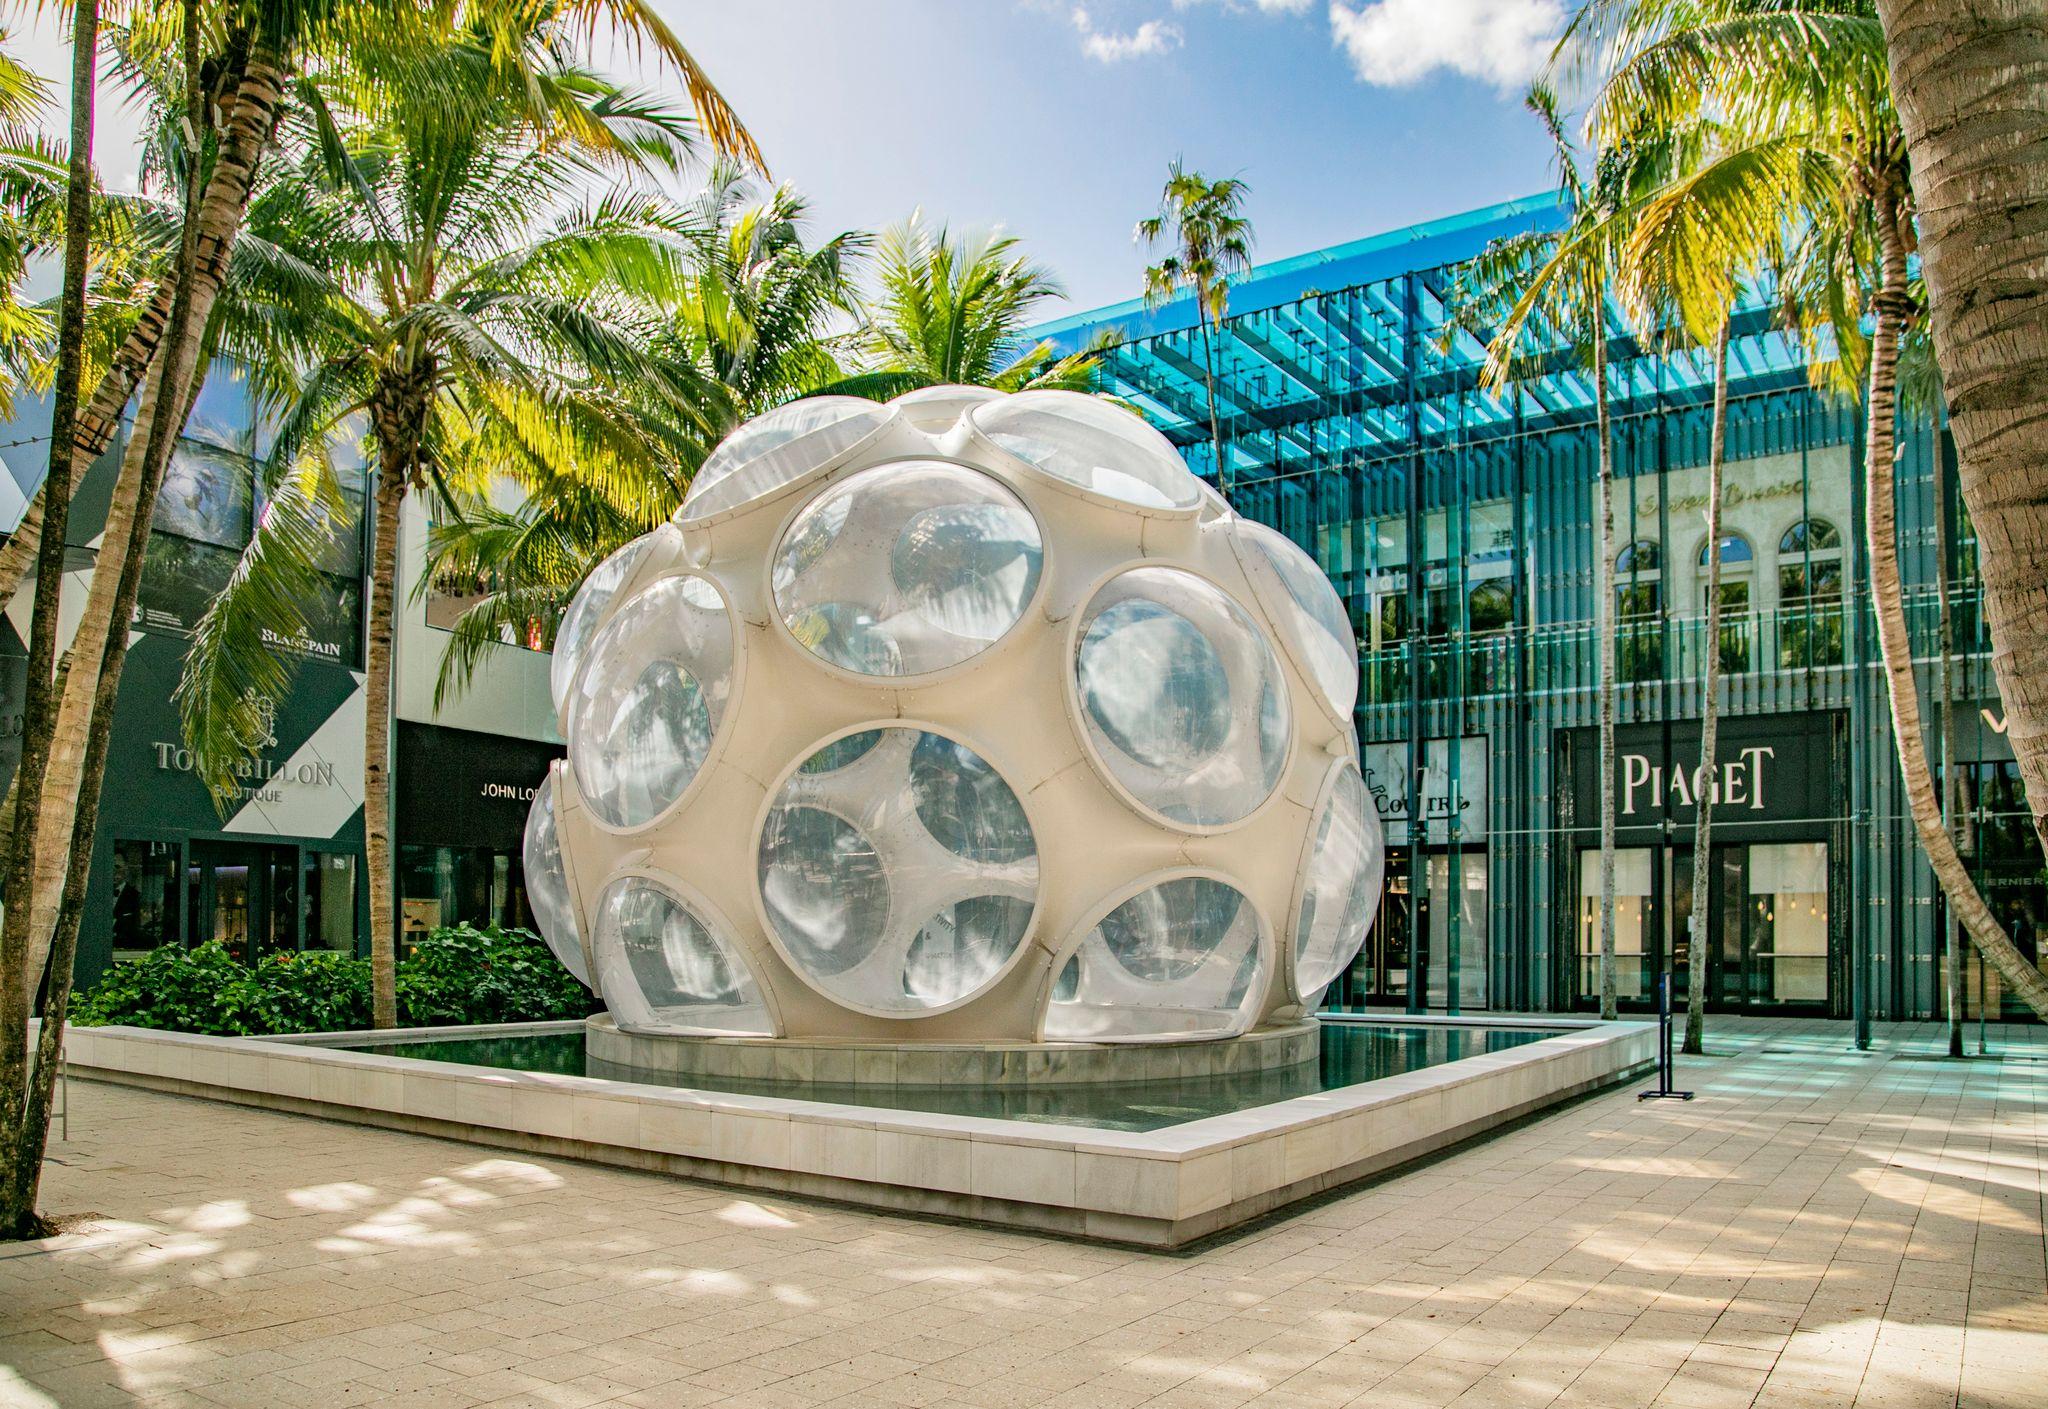 Quadro Miami Design District April 2021